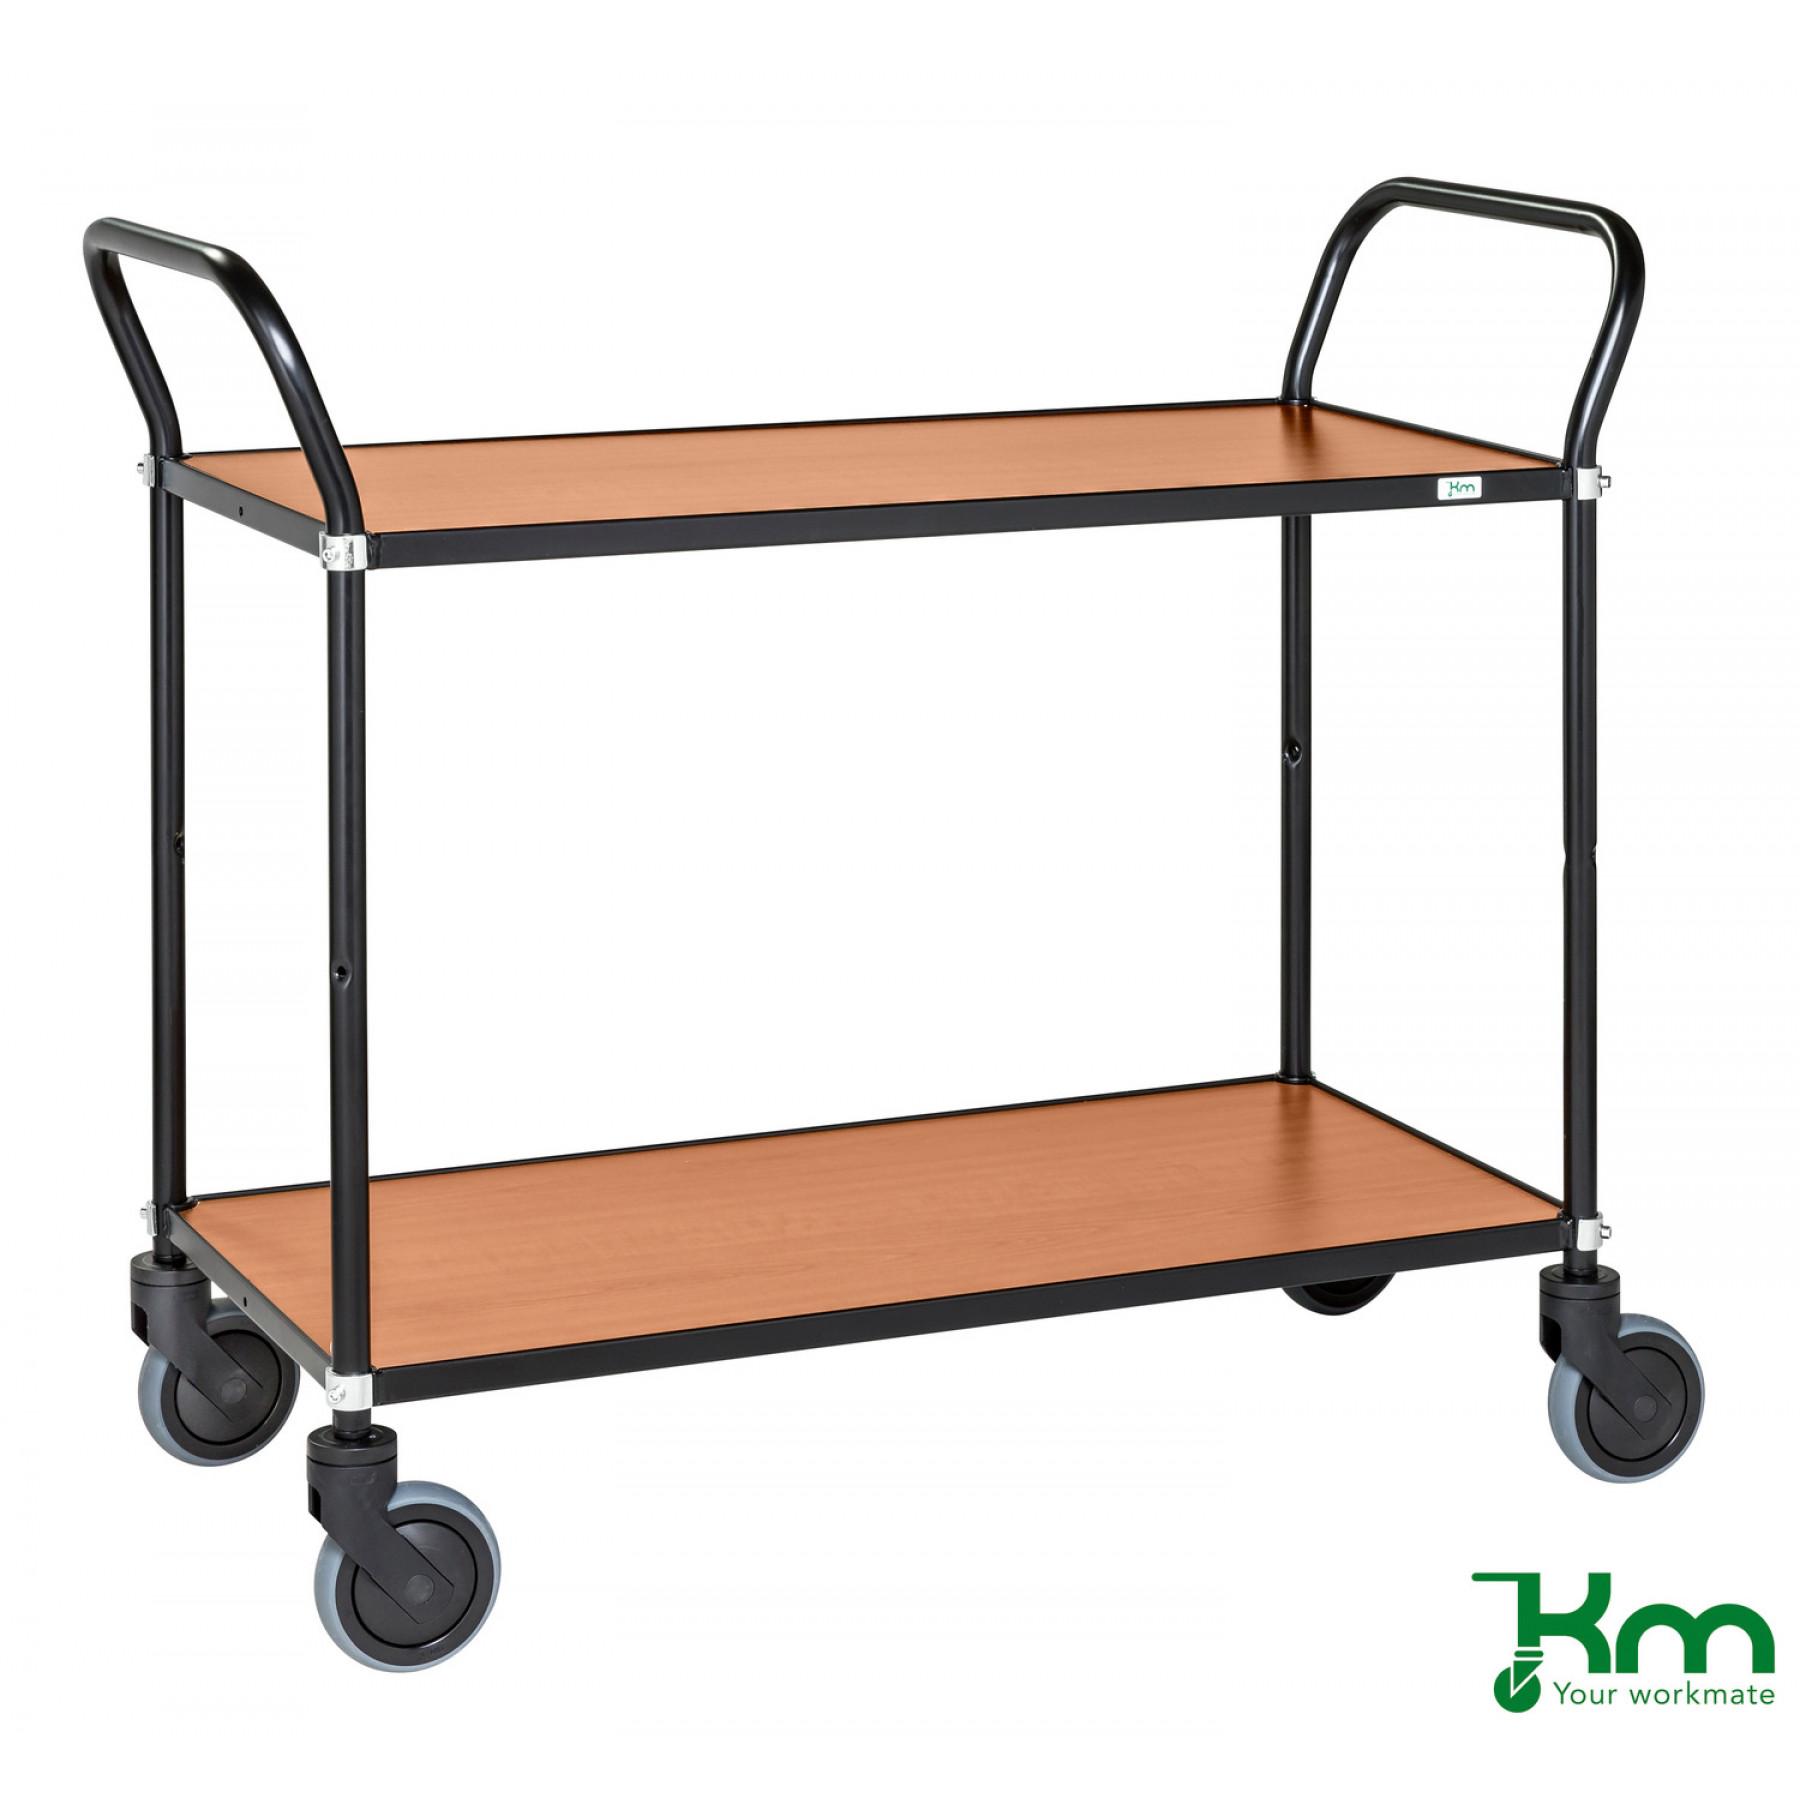 Design tafelwagen met kersenstructuur toplaag, KM 8112-KO